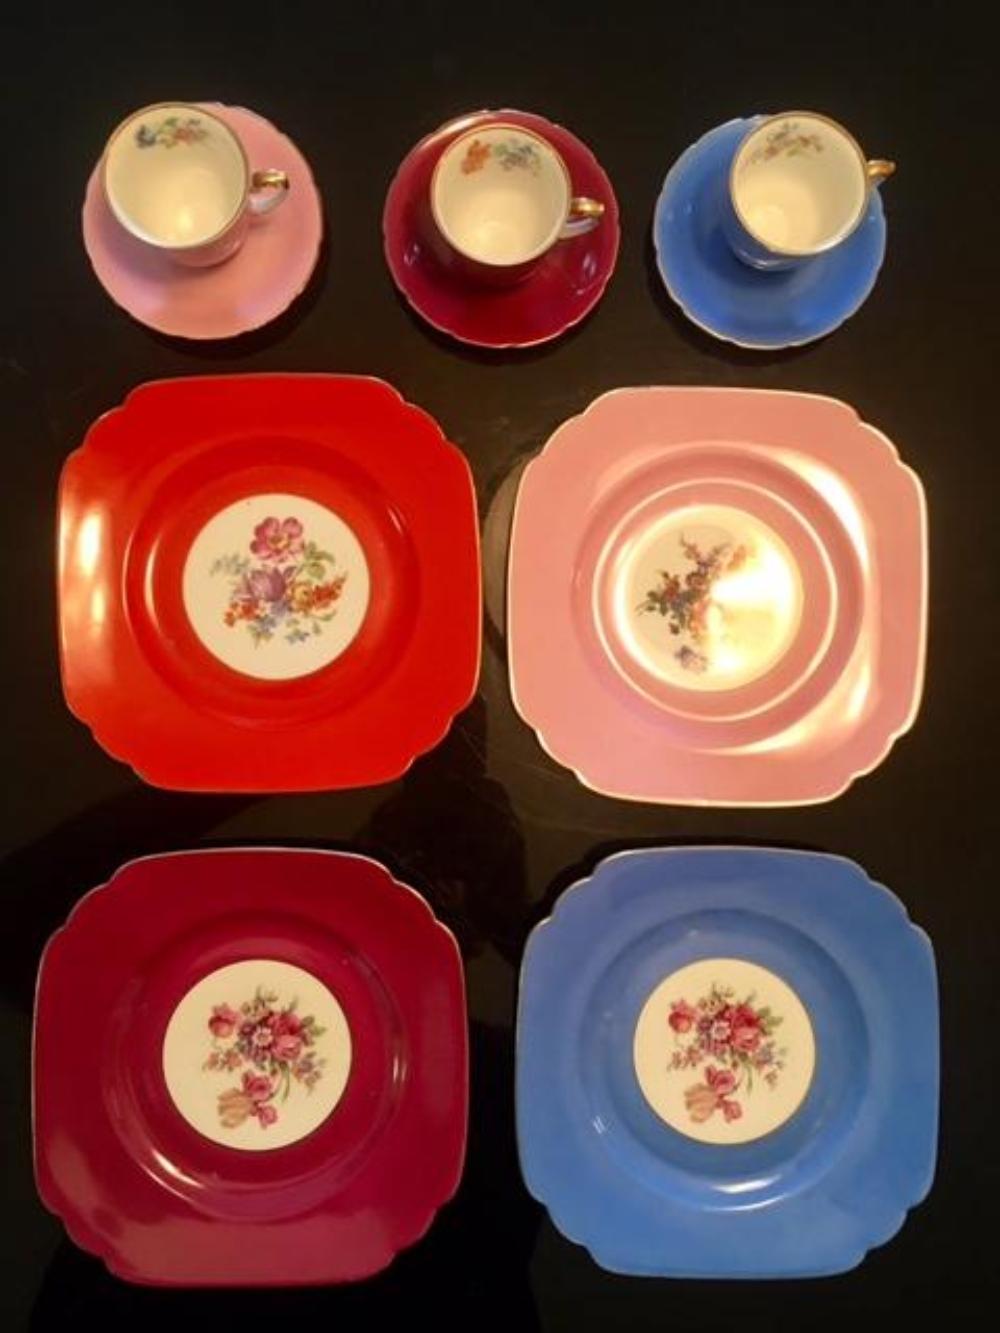 Czechoslovakia Bohemian Porcelain Tea Set Cups Saucers Cake Plates